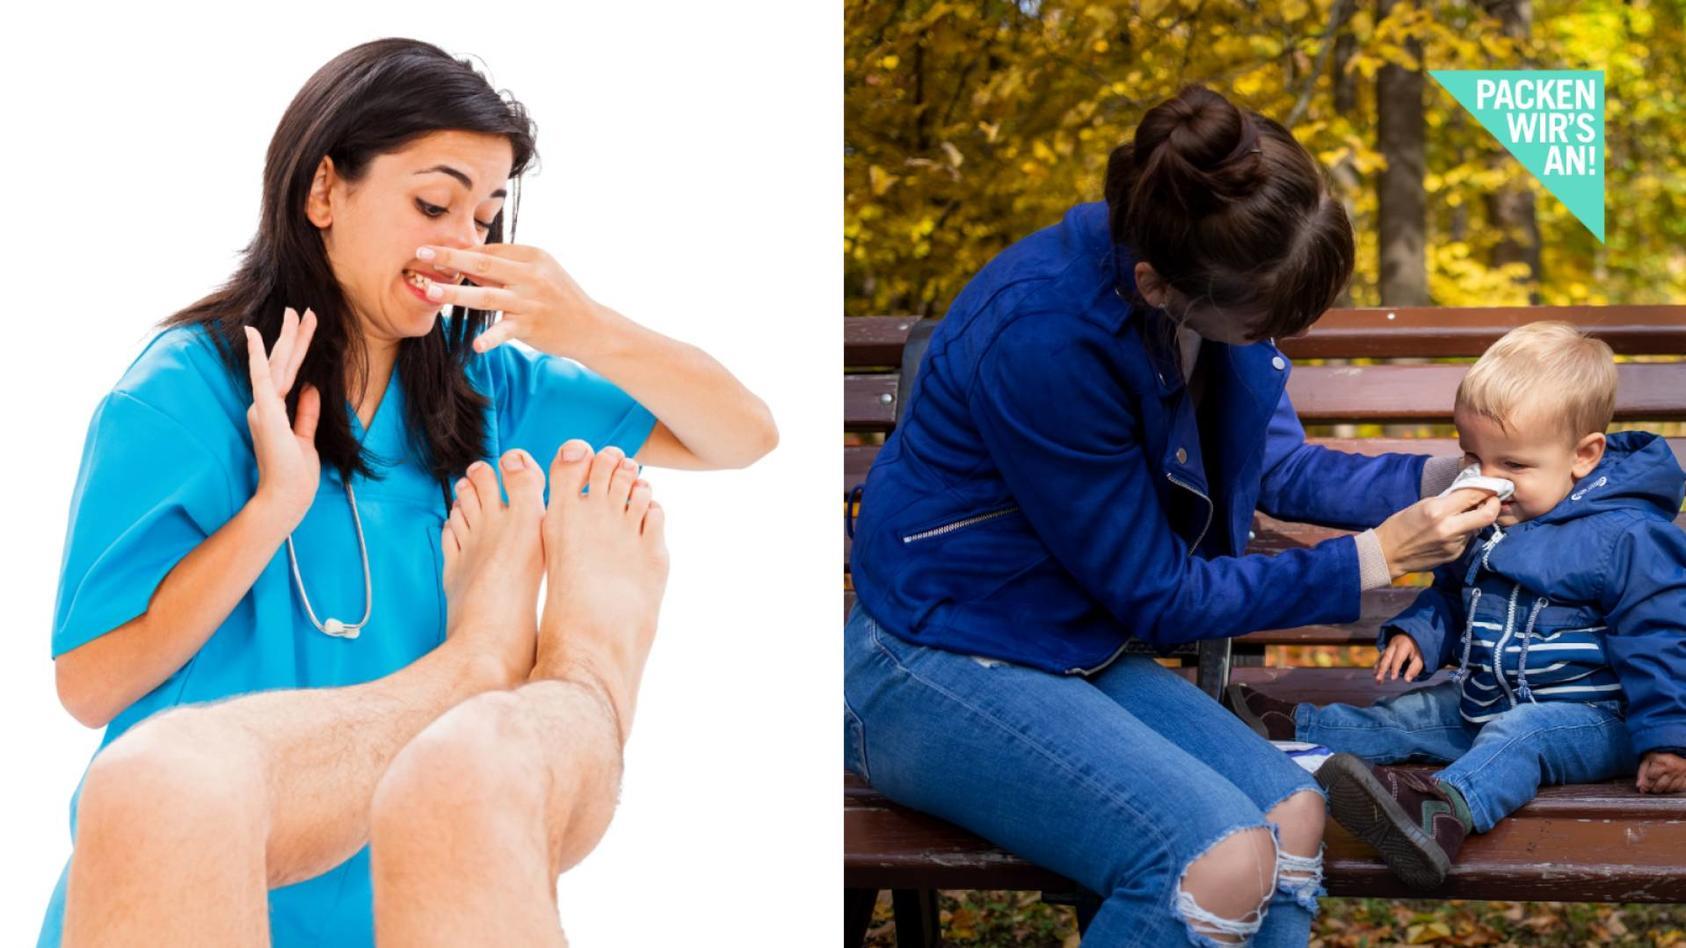 Waren stinken Füße - wenn die Nase läuft?